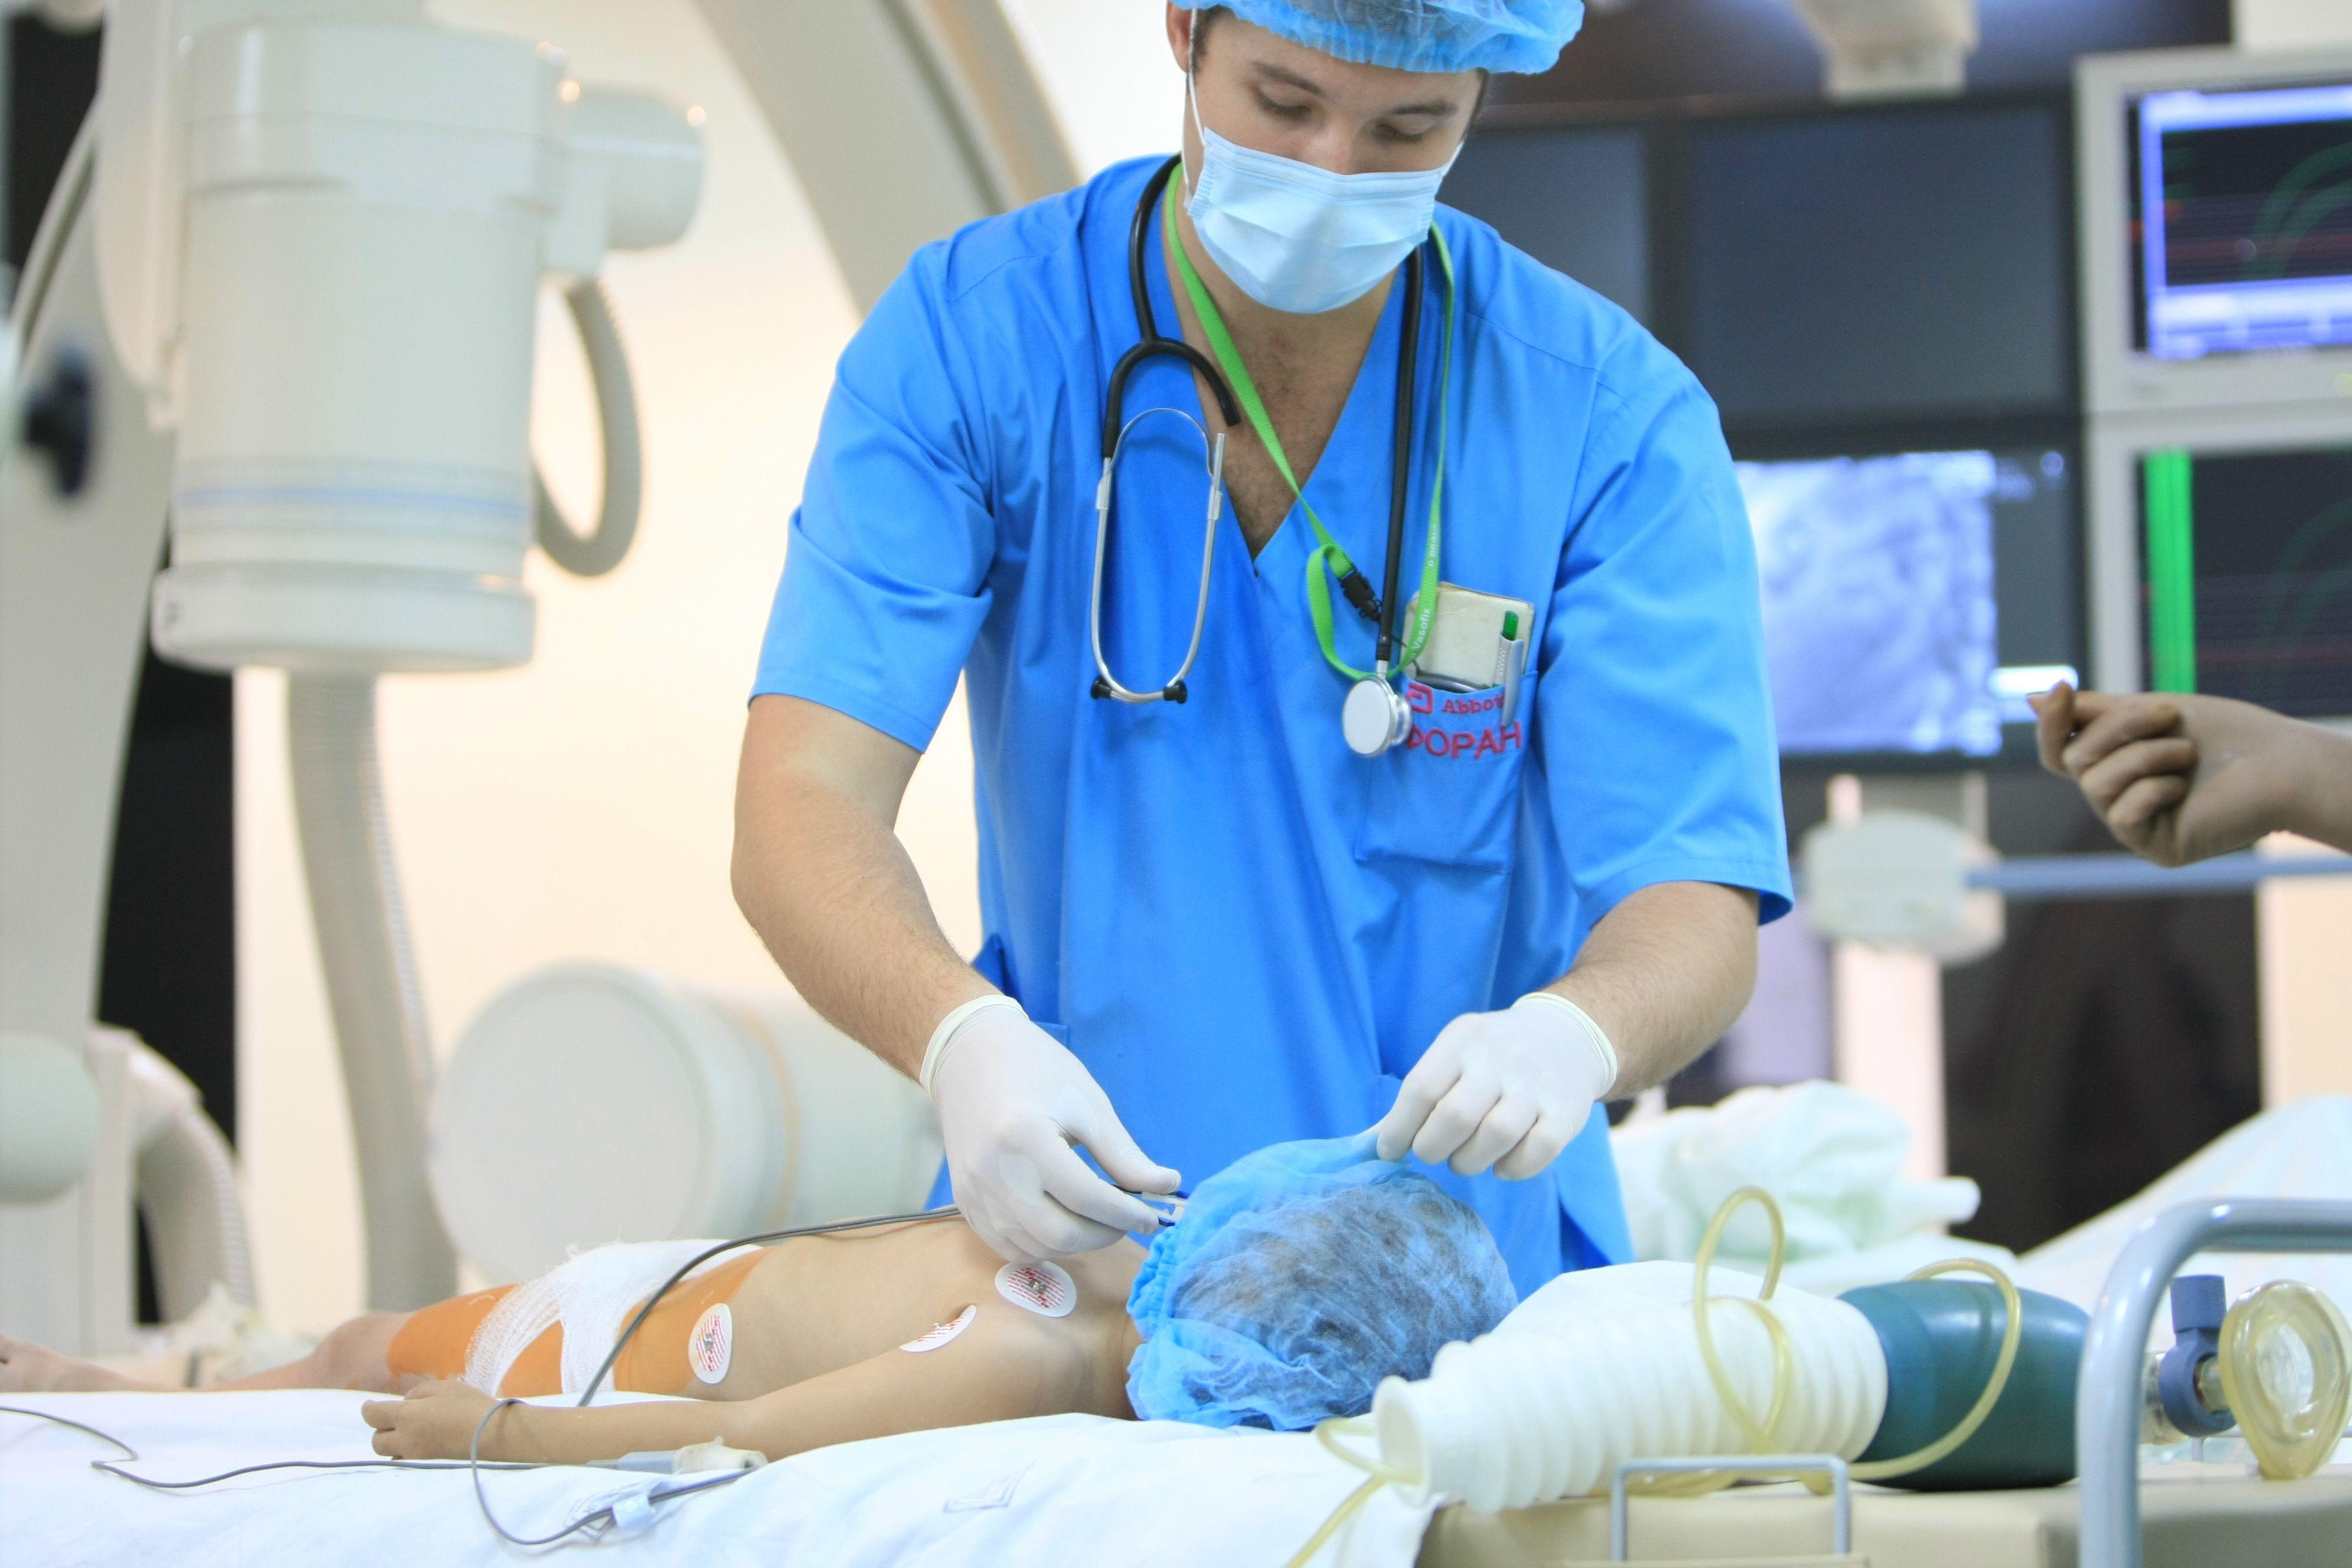 En nuestro país nacen 7000 niños y niñas anualmente con estas anomalías, de los cuales el 50% van a requerir cirugía durante el primer año de vida (Shutterstock)